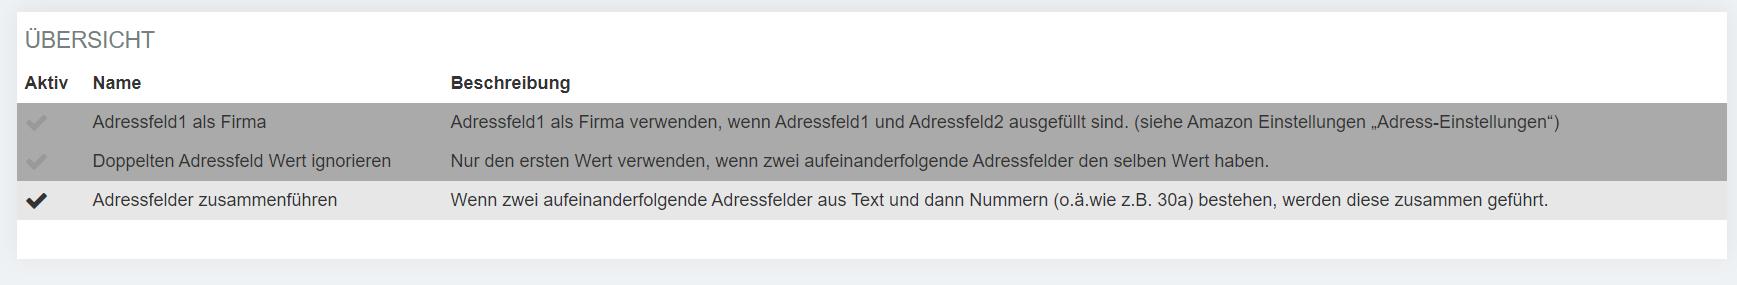 Uebersicht Amazon Adresskorrektur